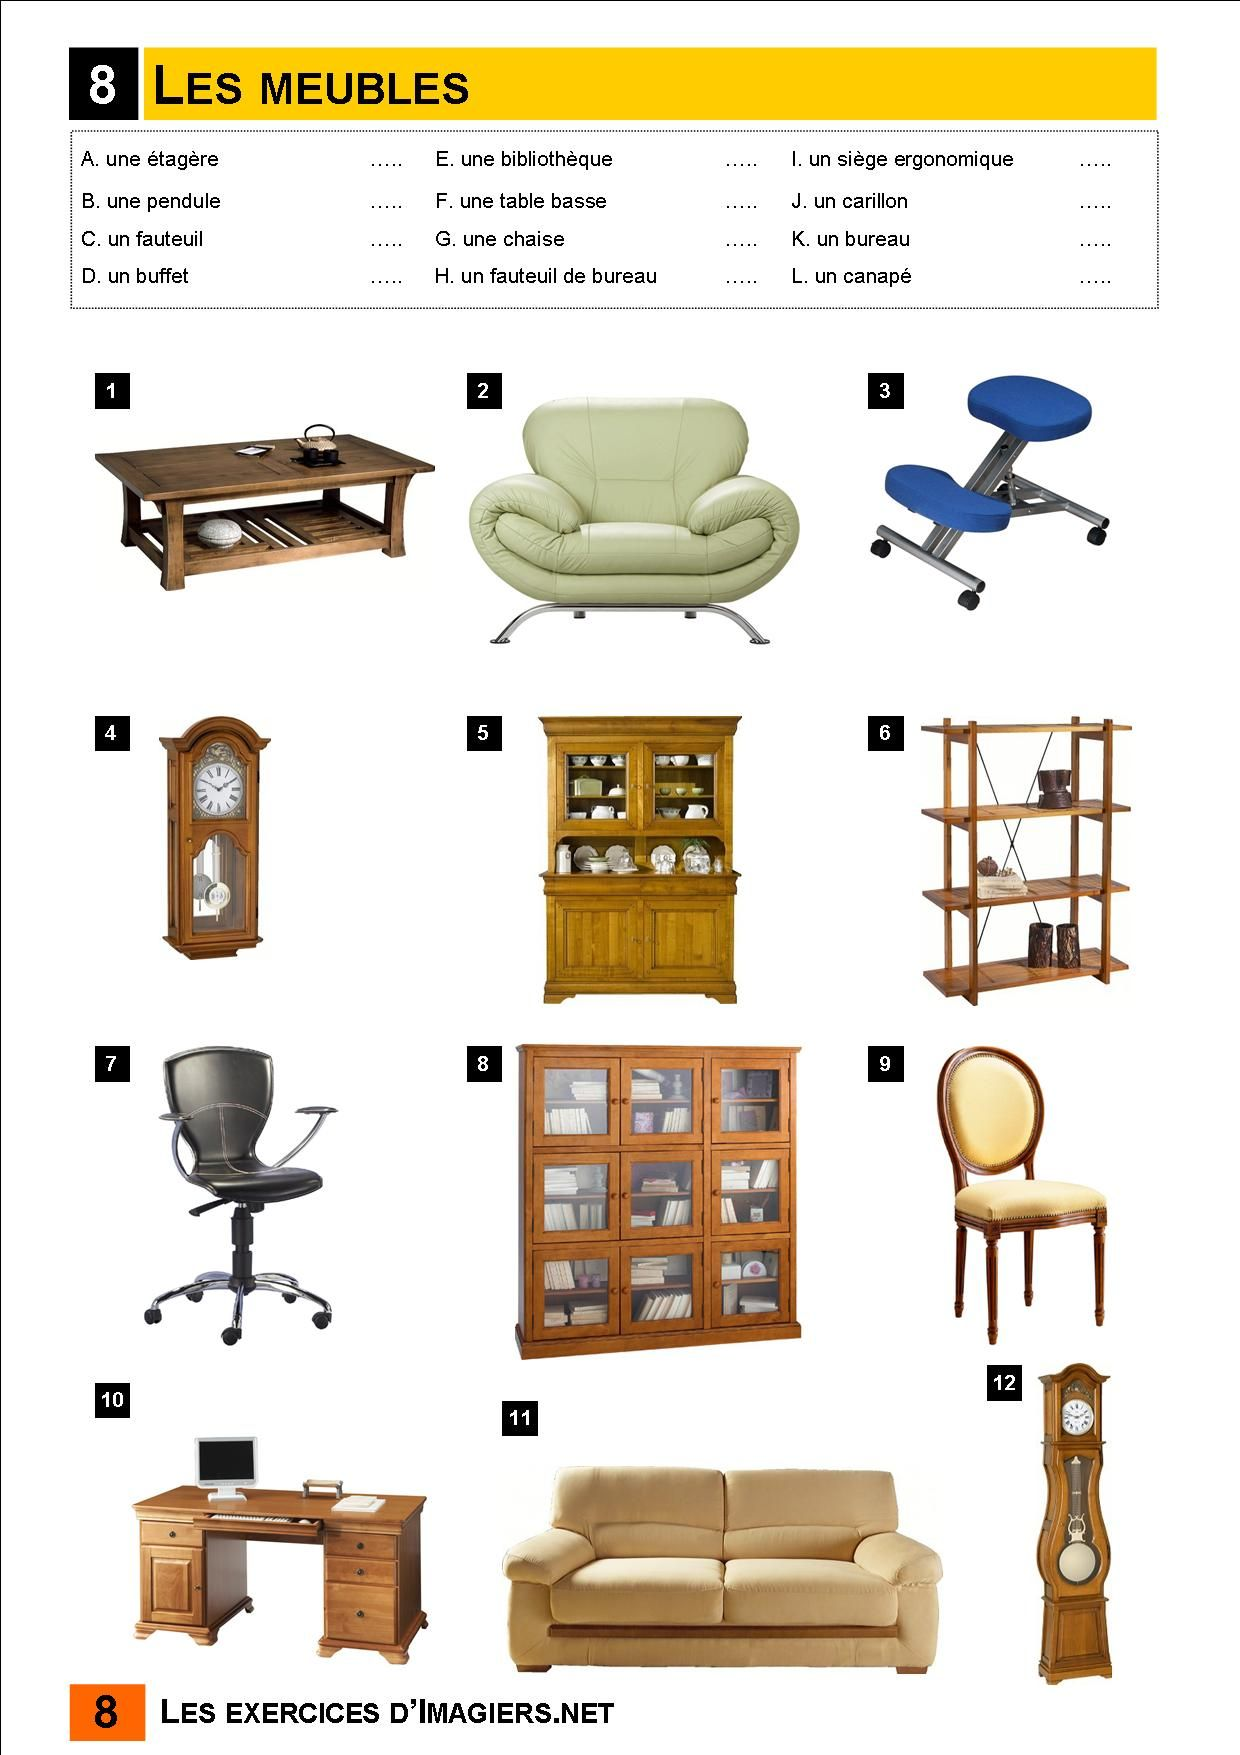 Les Meubles La Maison Et Les Meubles House Furniture Vocab